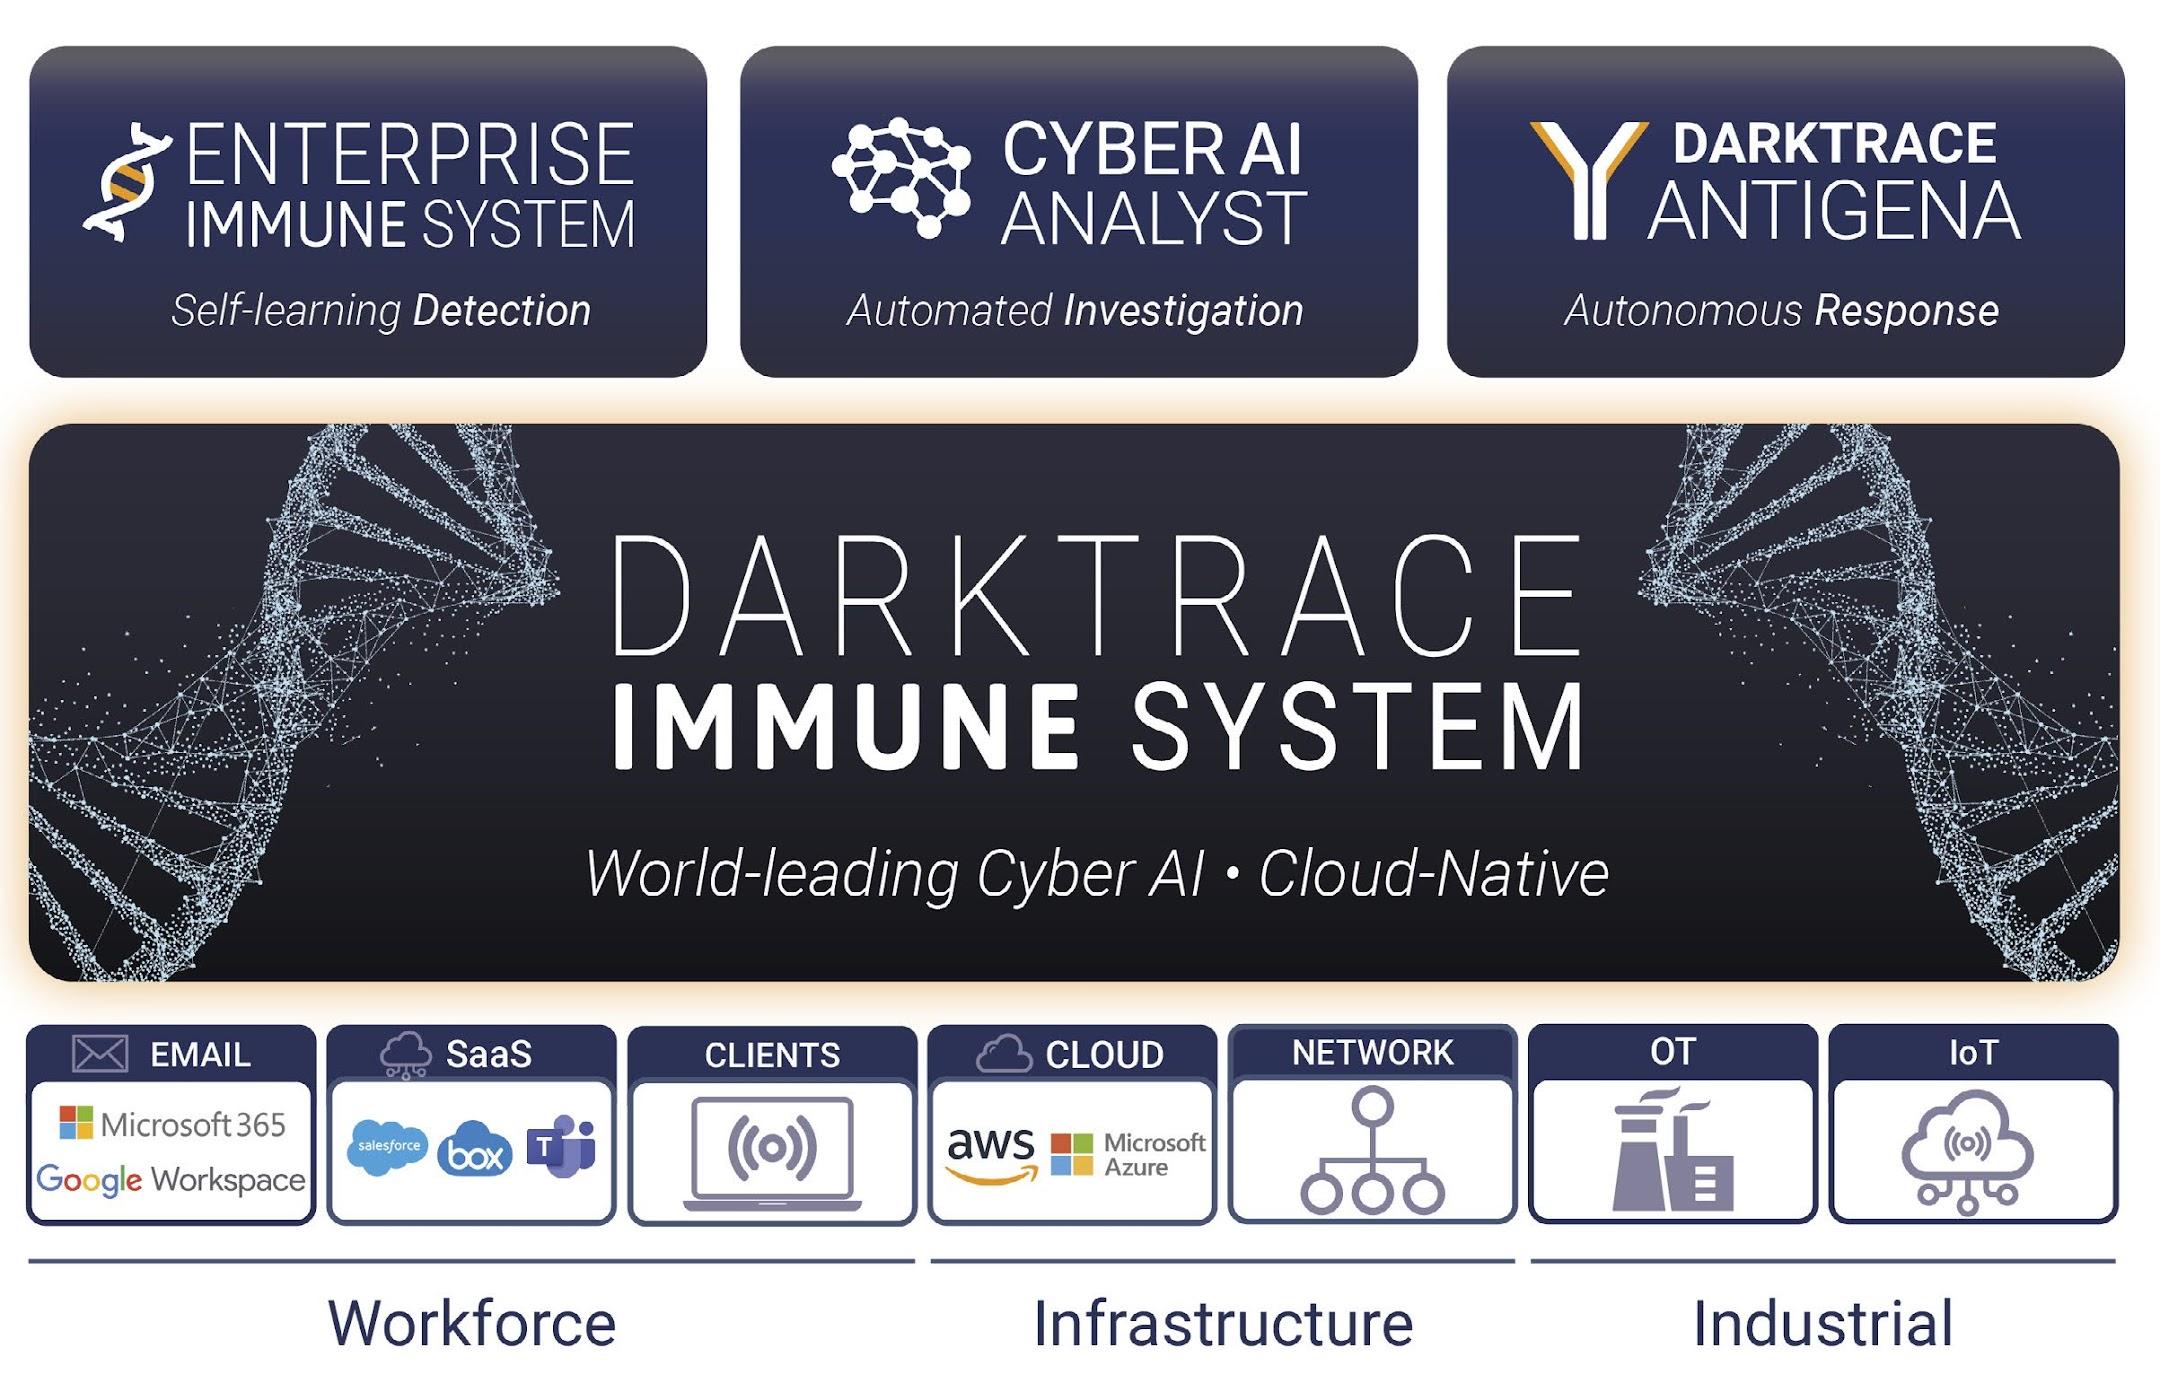 Figure 7: Darktrace's Immune System Platform